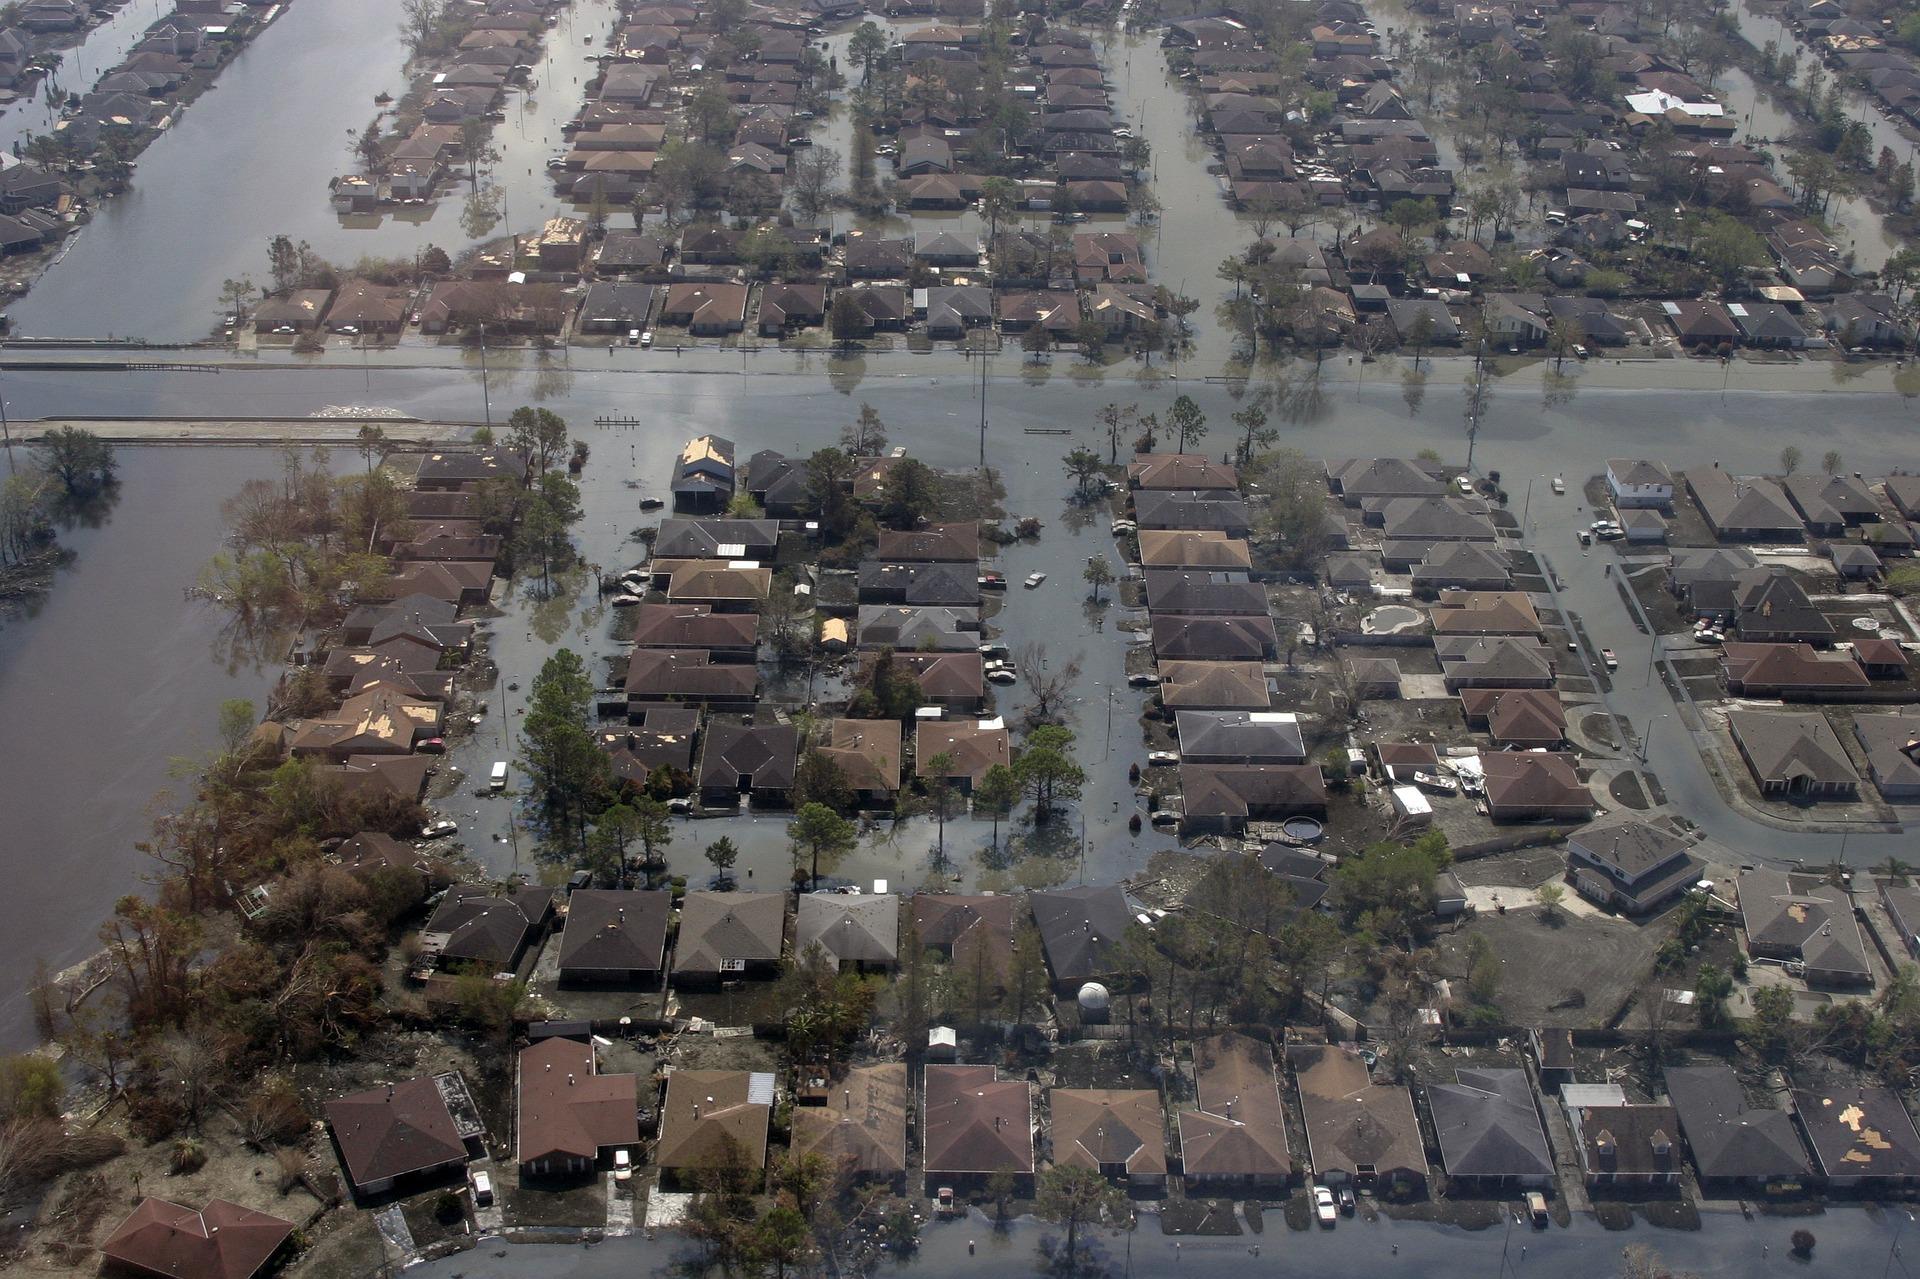 Desastres naturais mais acentuados são apenas algumas das consequências, projetam cientistas.